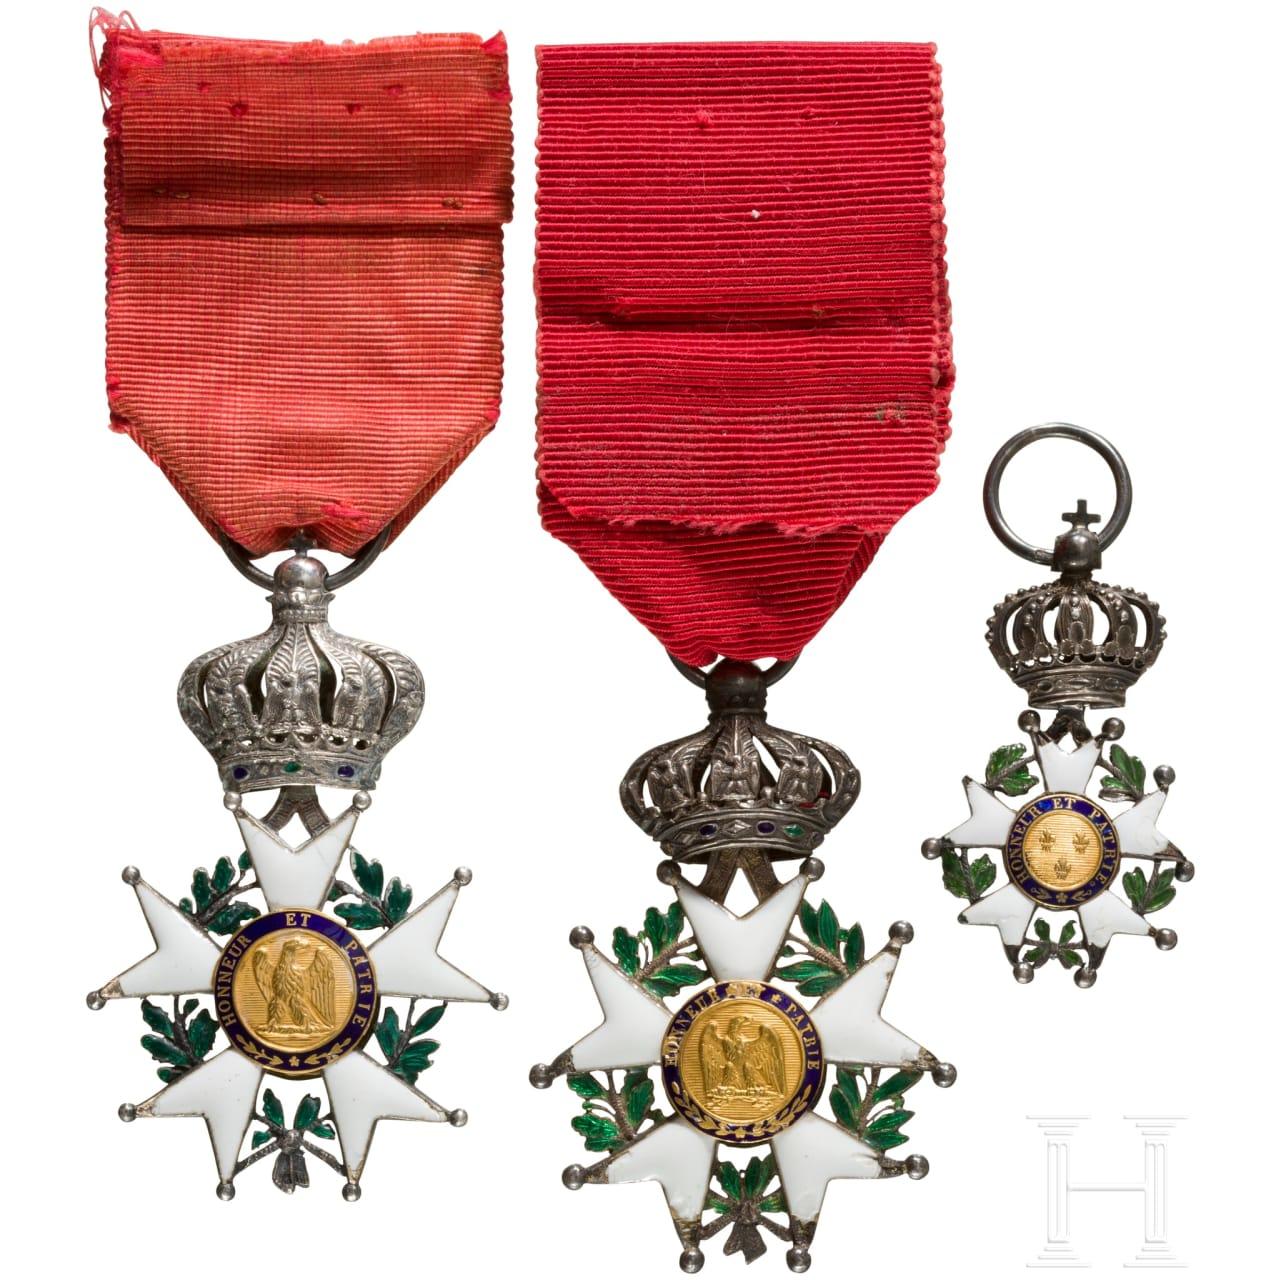 Drei Orden der Ehrenlegion, 19. Jhdt.